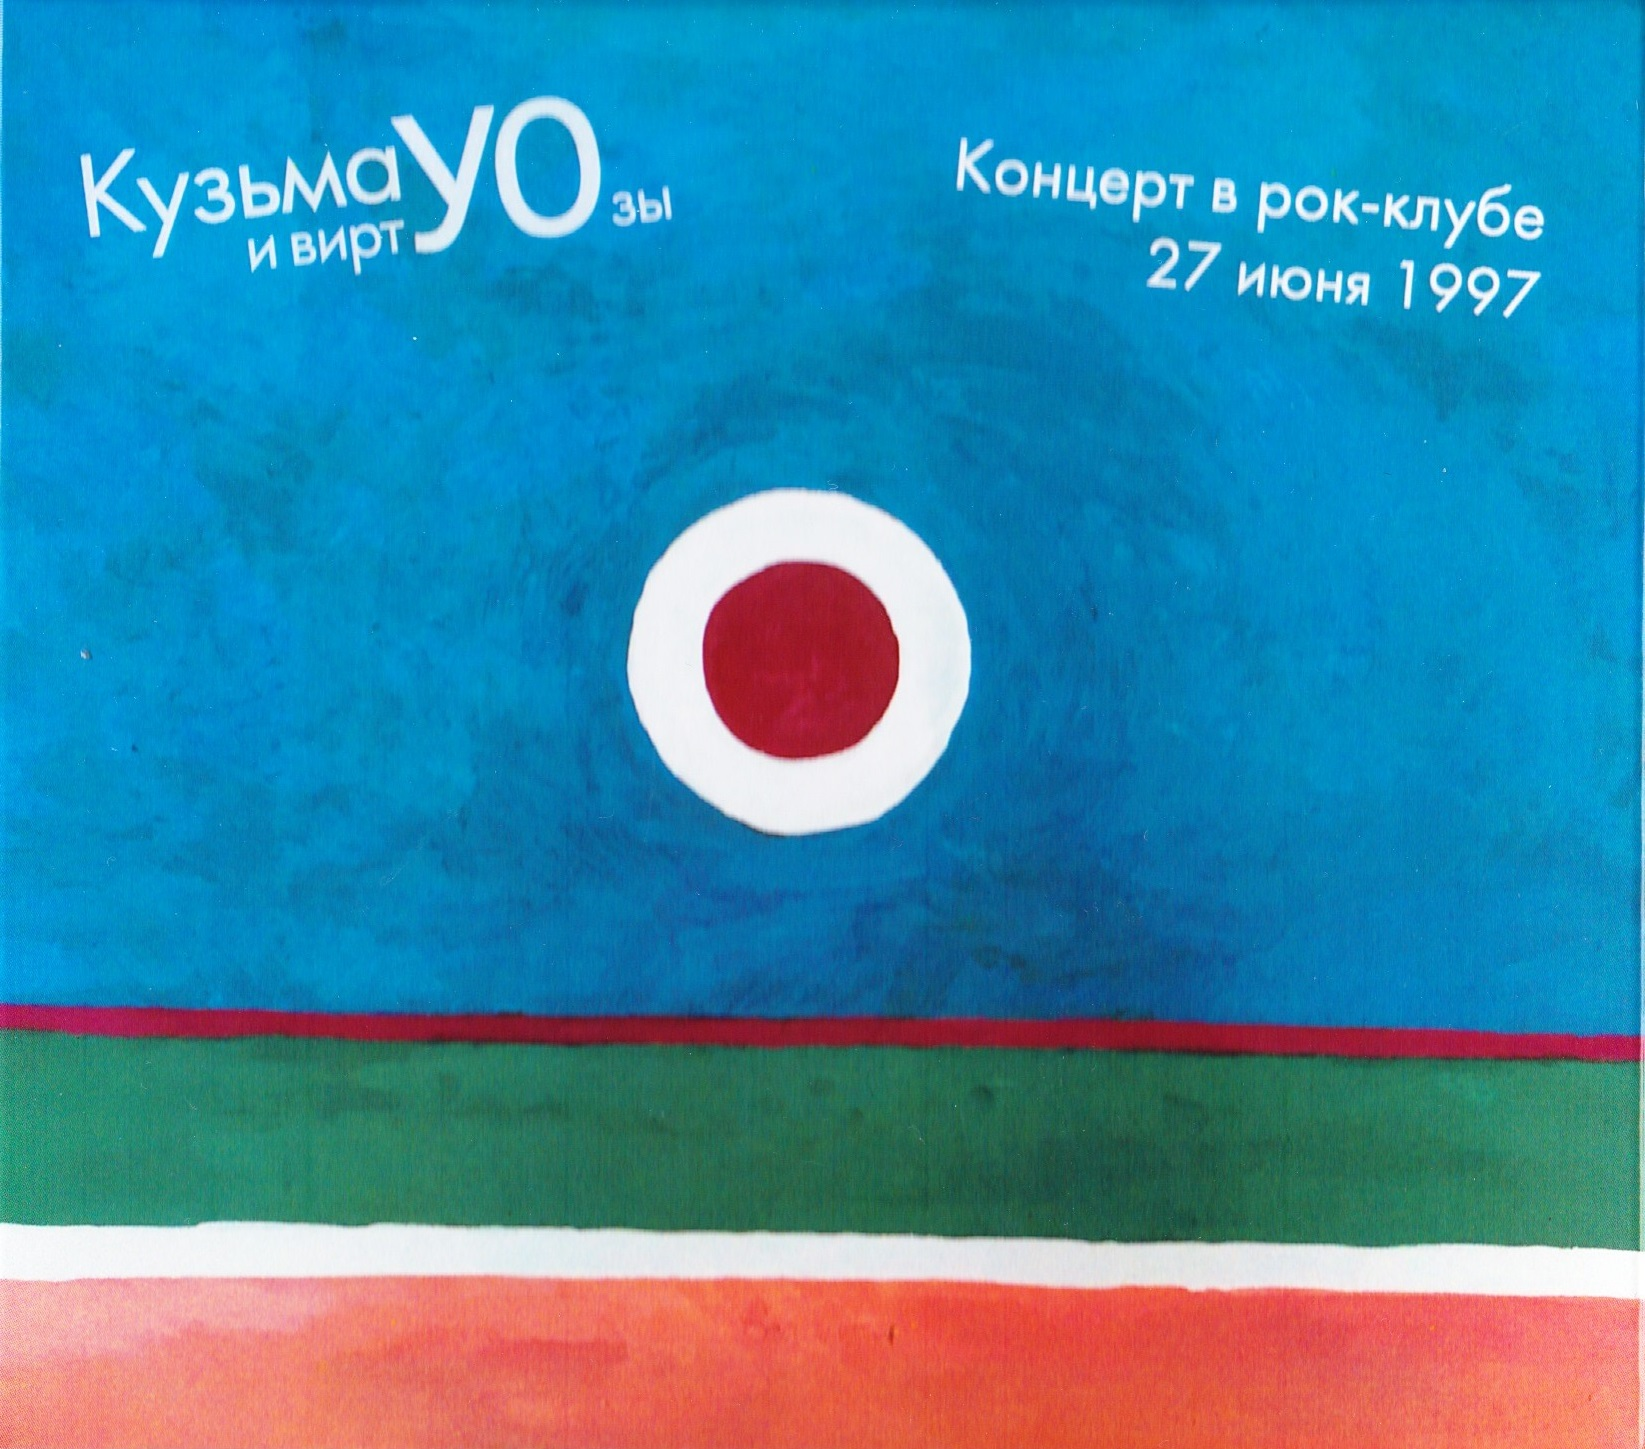 Кузьма и Виртуозы — Концерт в Рок-клубе 27 июня 1997